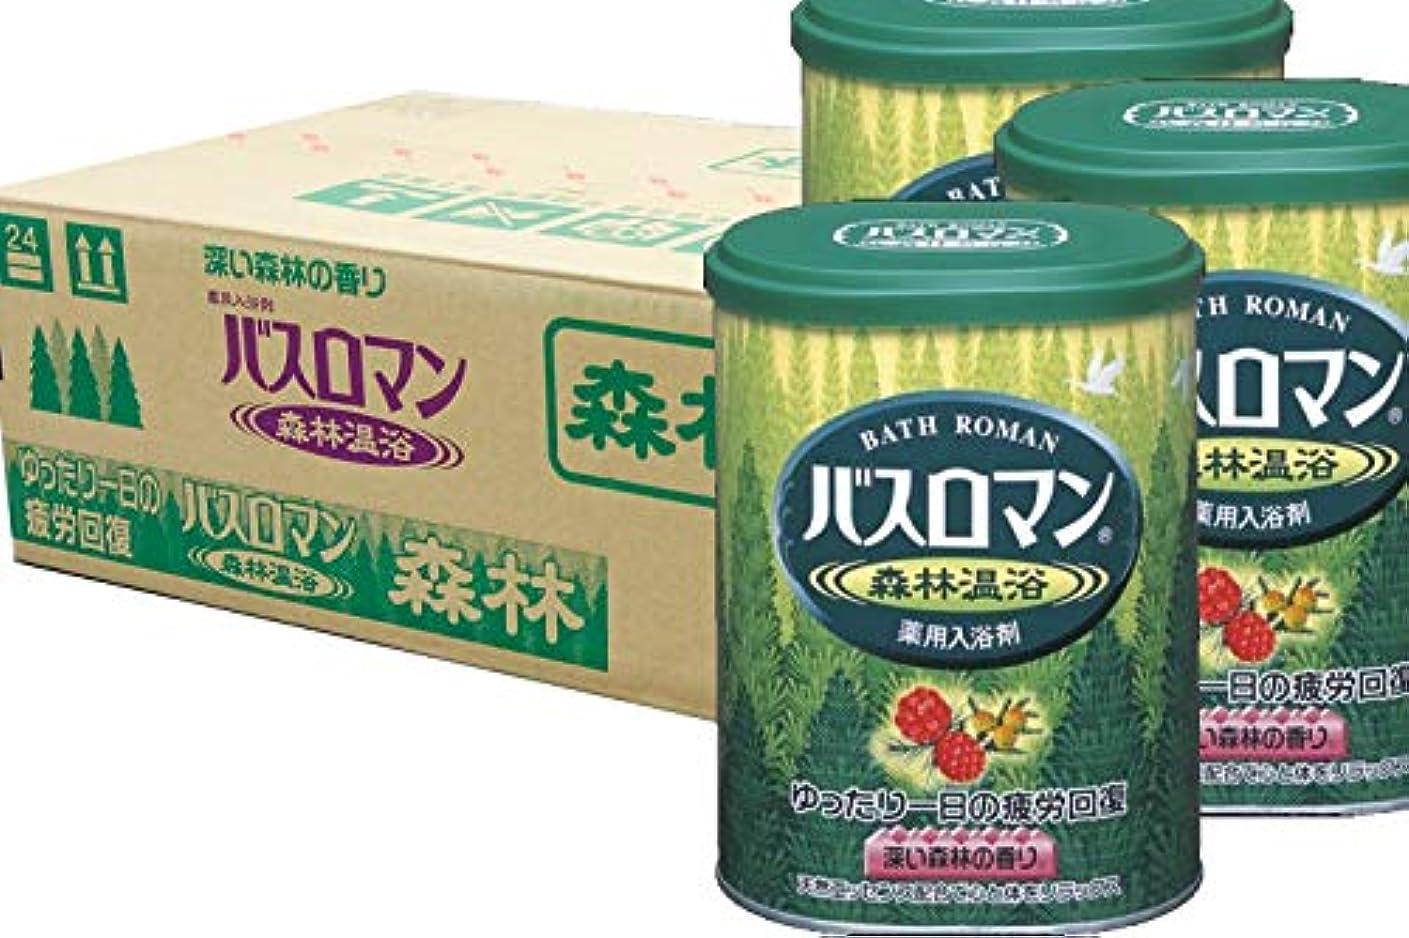 ナチュラ二次ロケーションアース製薬 バスロマン 森林温浴 680g(入浴剤)×12点セット (4901080536112)